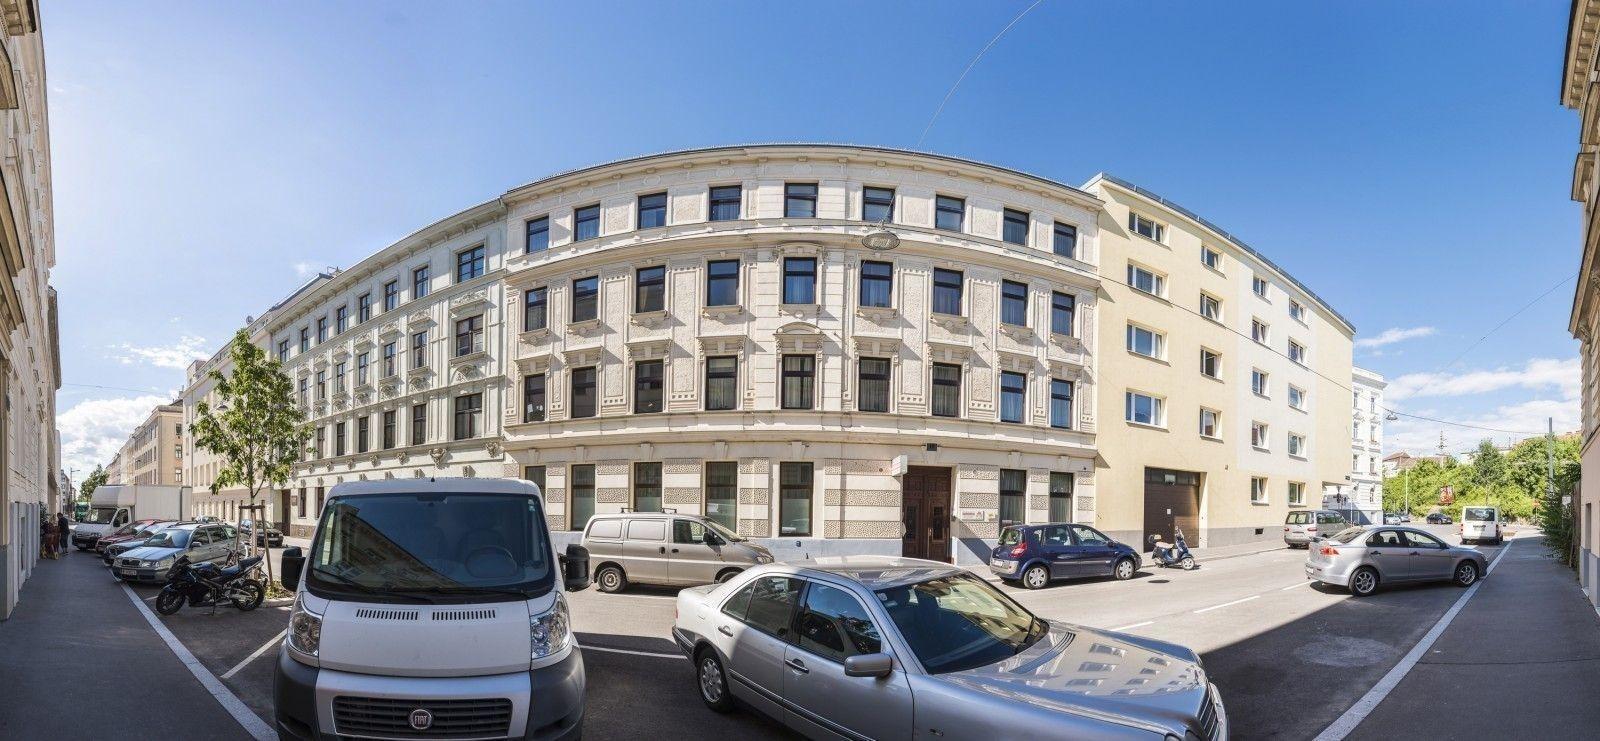 Appartement de vacances Appartements Ferchergasse Ap3 (1854297), Vienne, , Vienne, Autriche, image 24